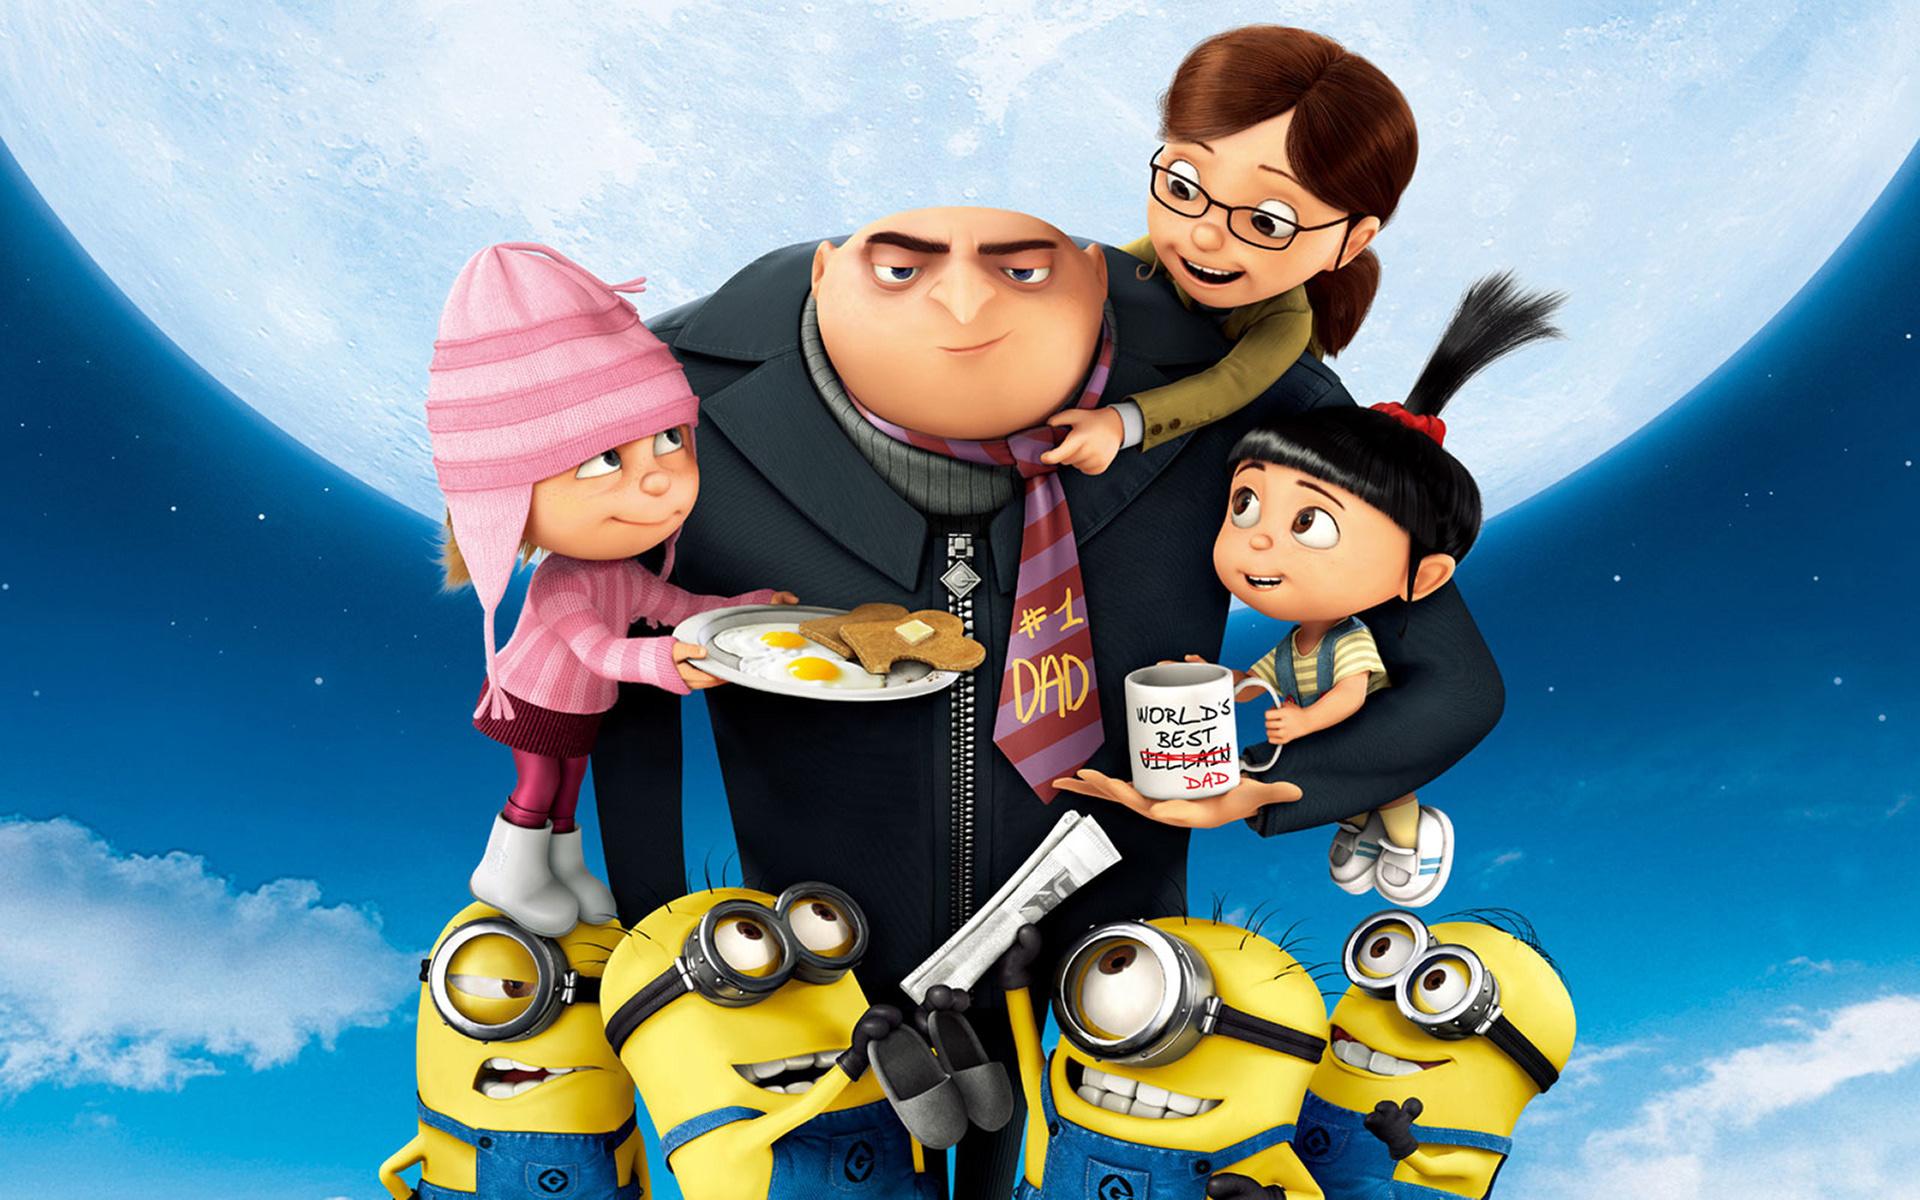 Minions | Movies Are Fun!